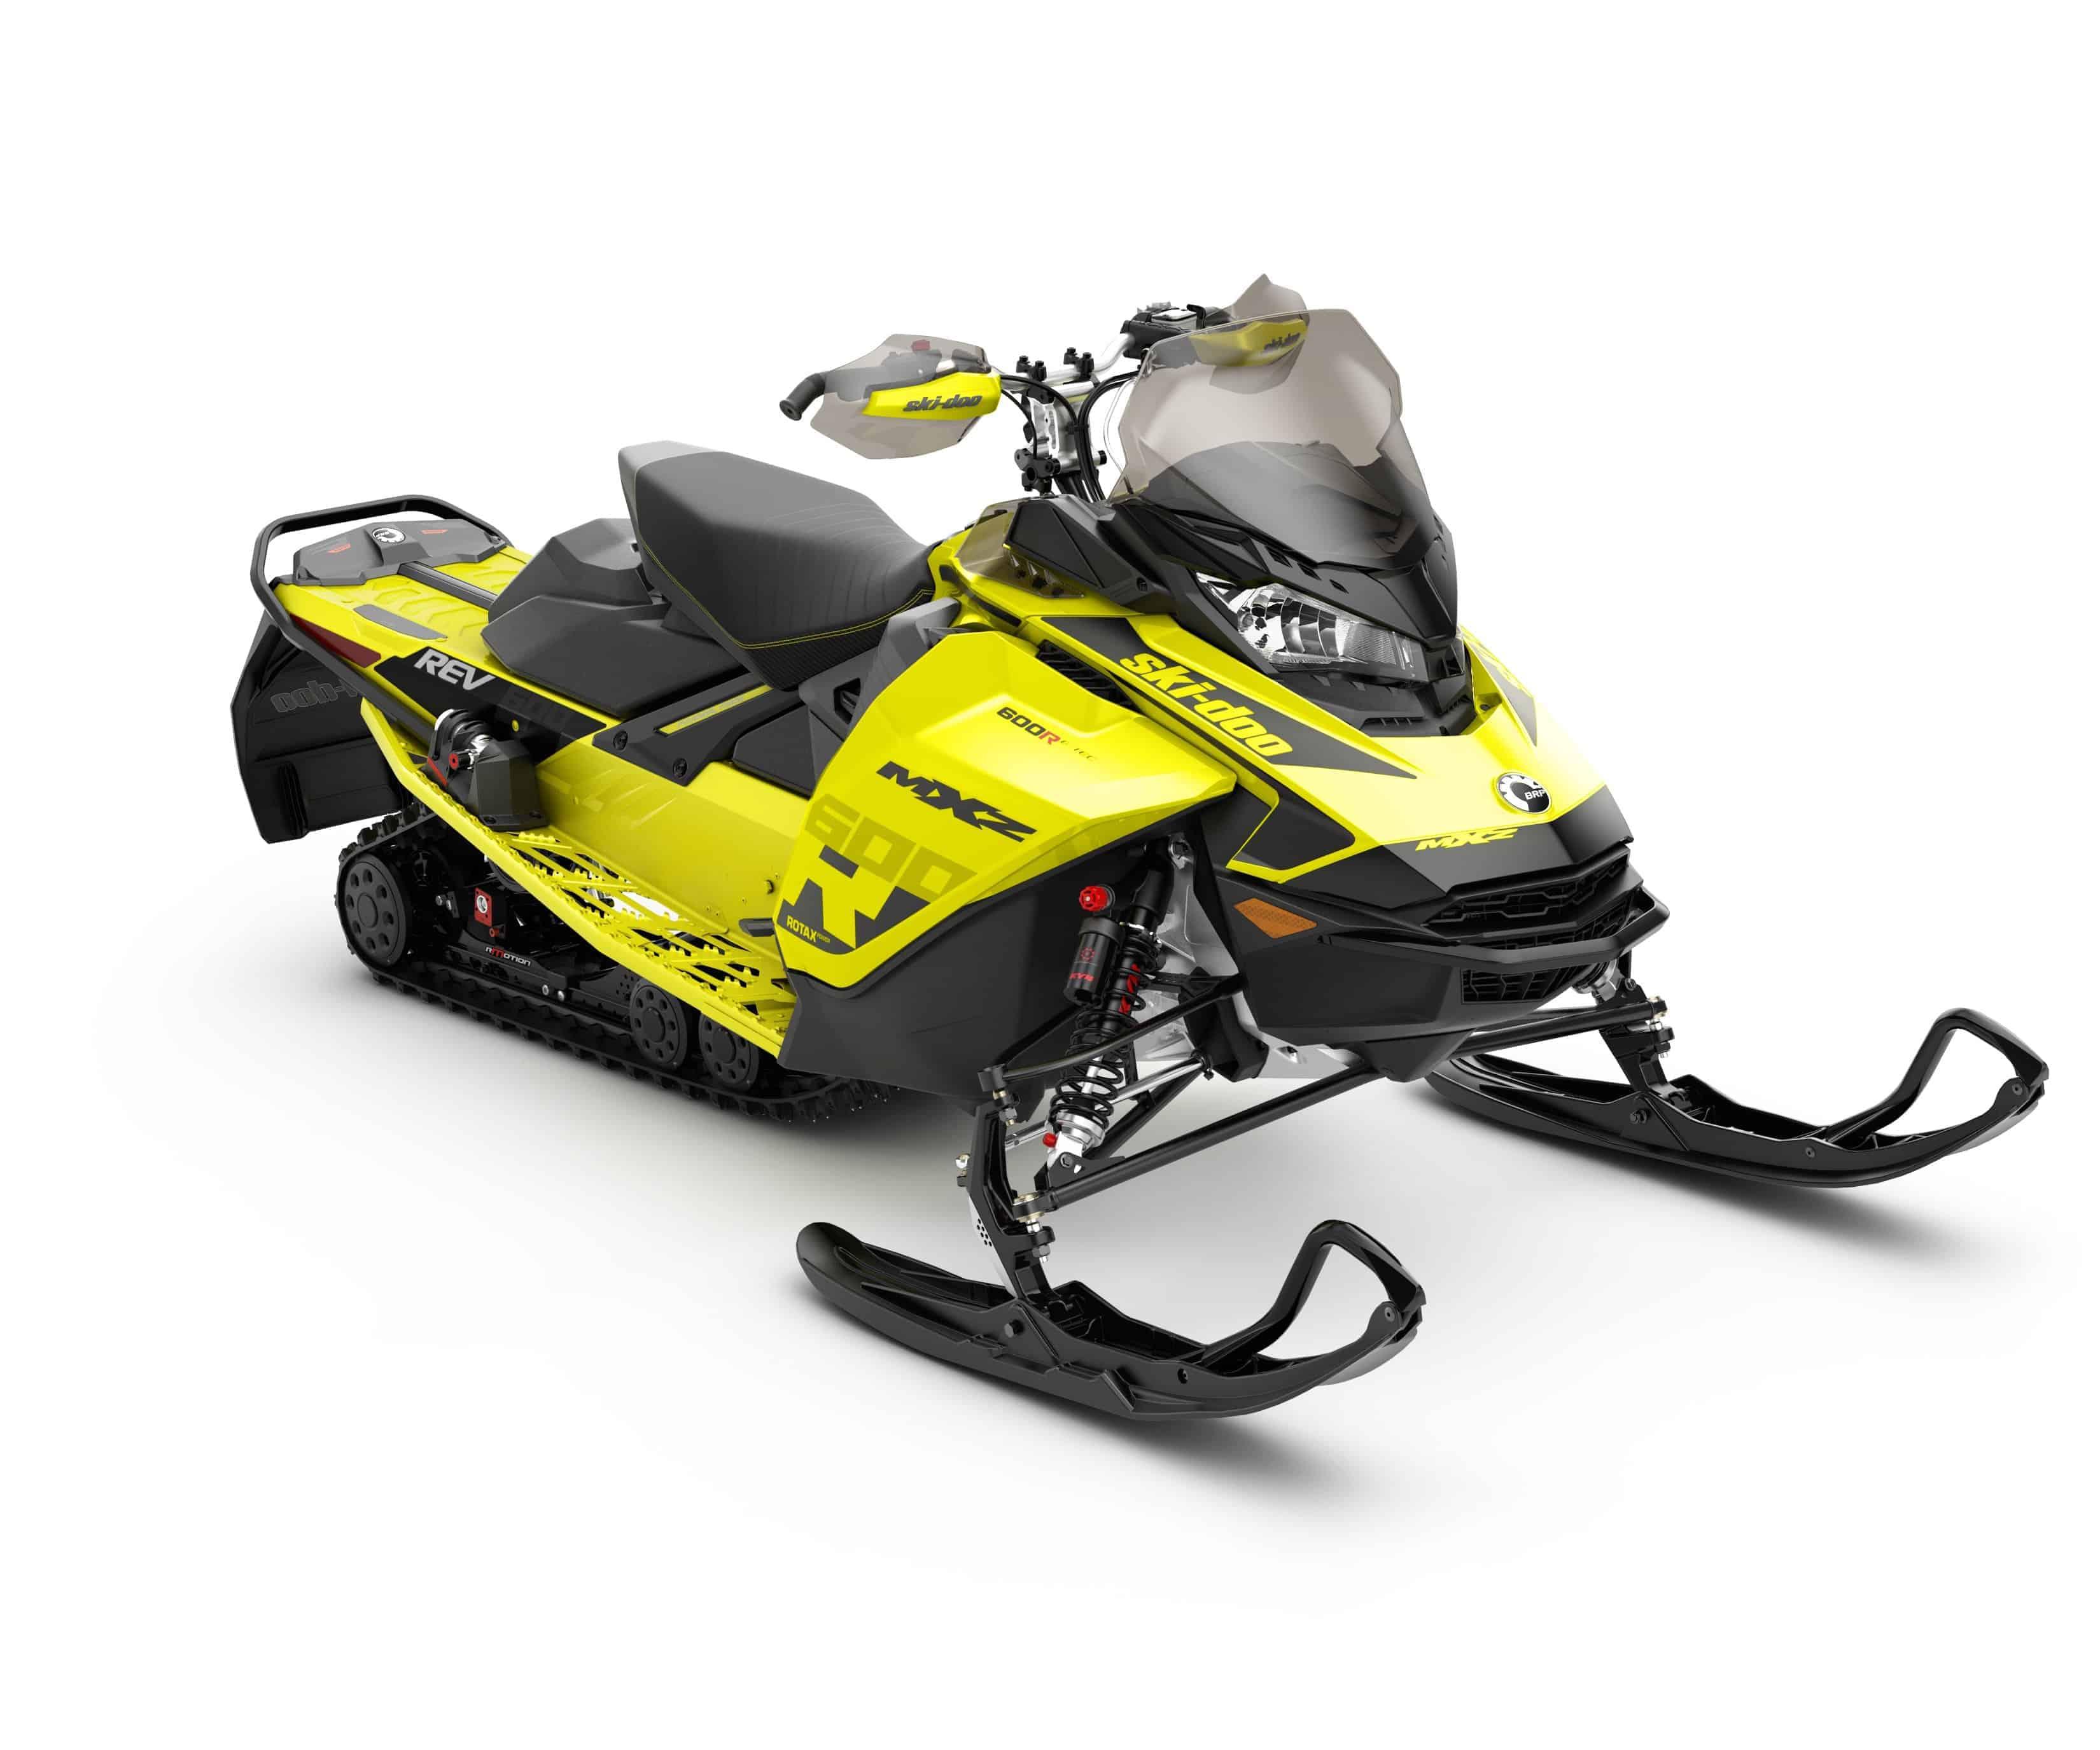 2005 skidoo operator u0027s manual Array - 2018 5 ski doo mx z 600r e tec  500 mile test report snowtech